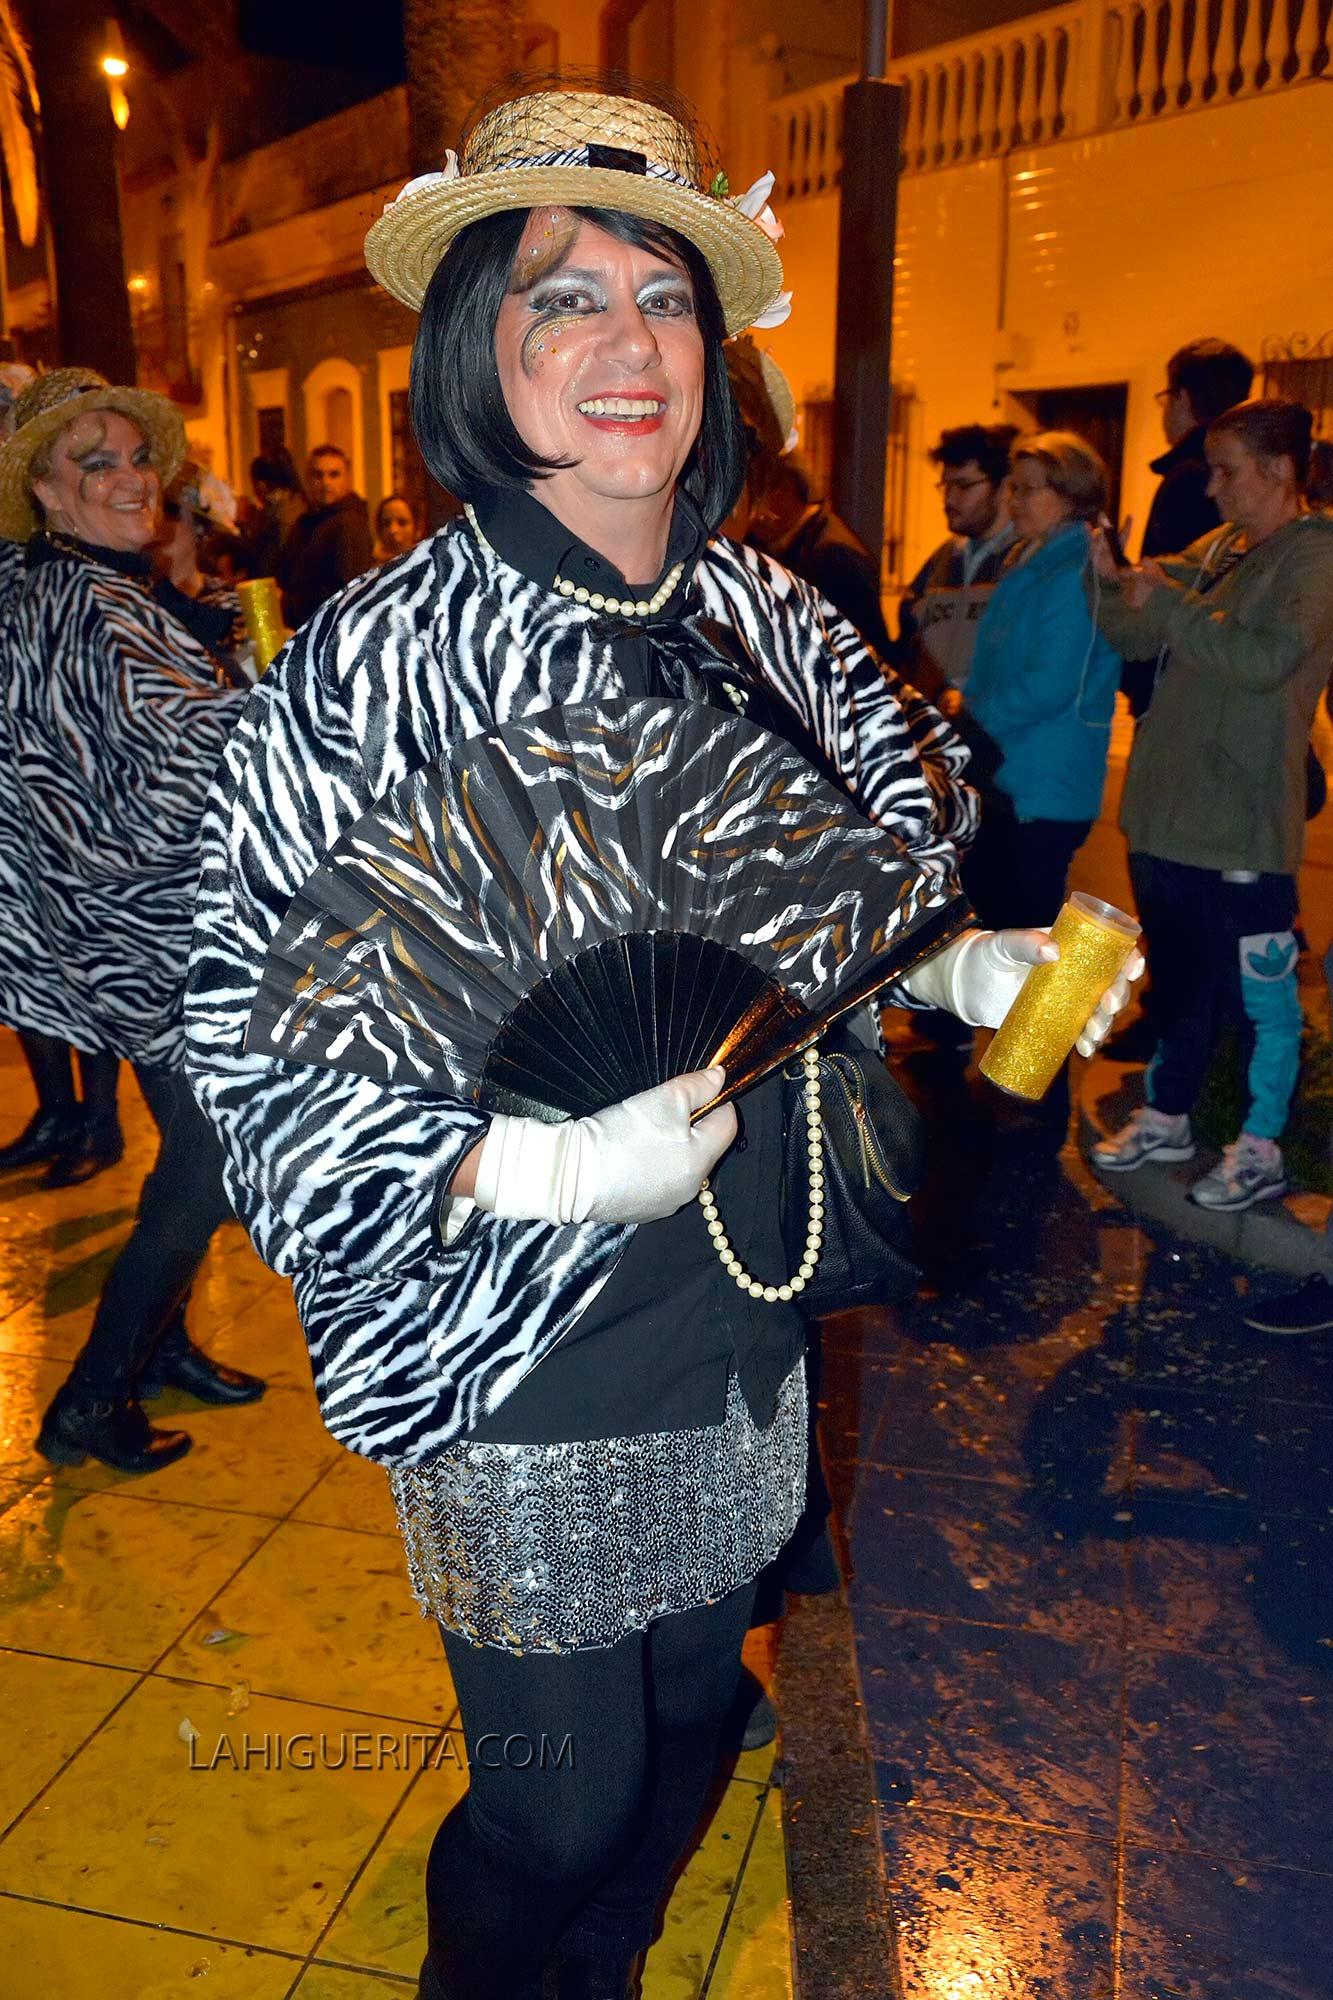 Entierro de la sardina carnaval isla cristina _DSC2233